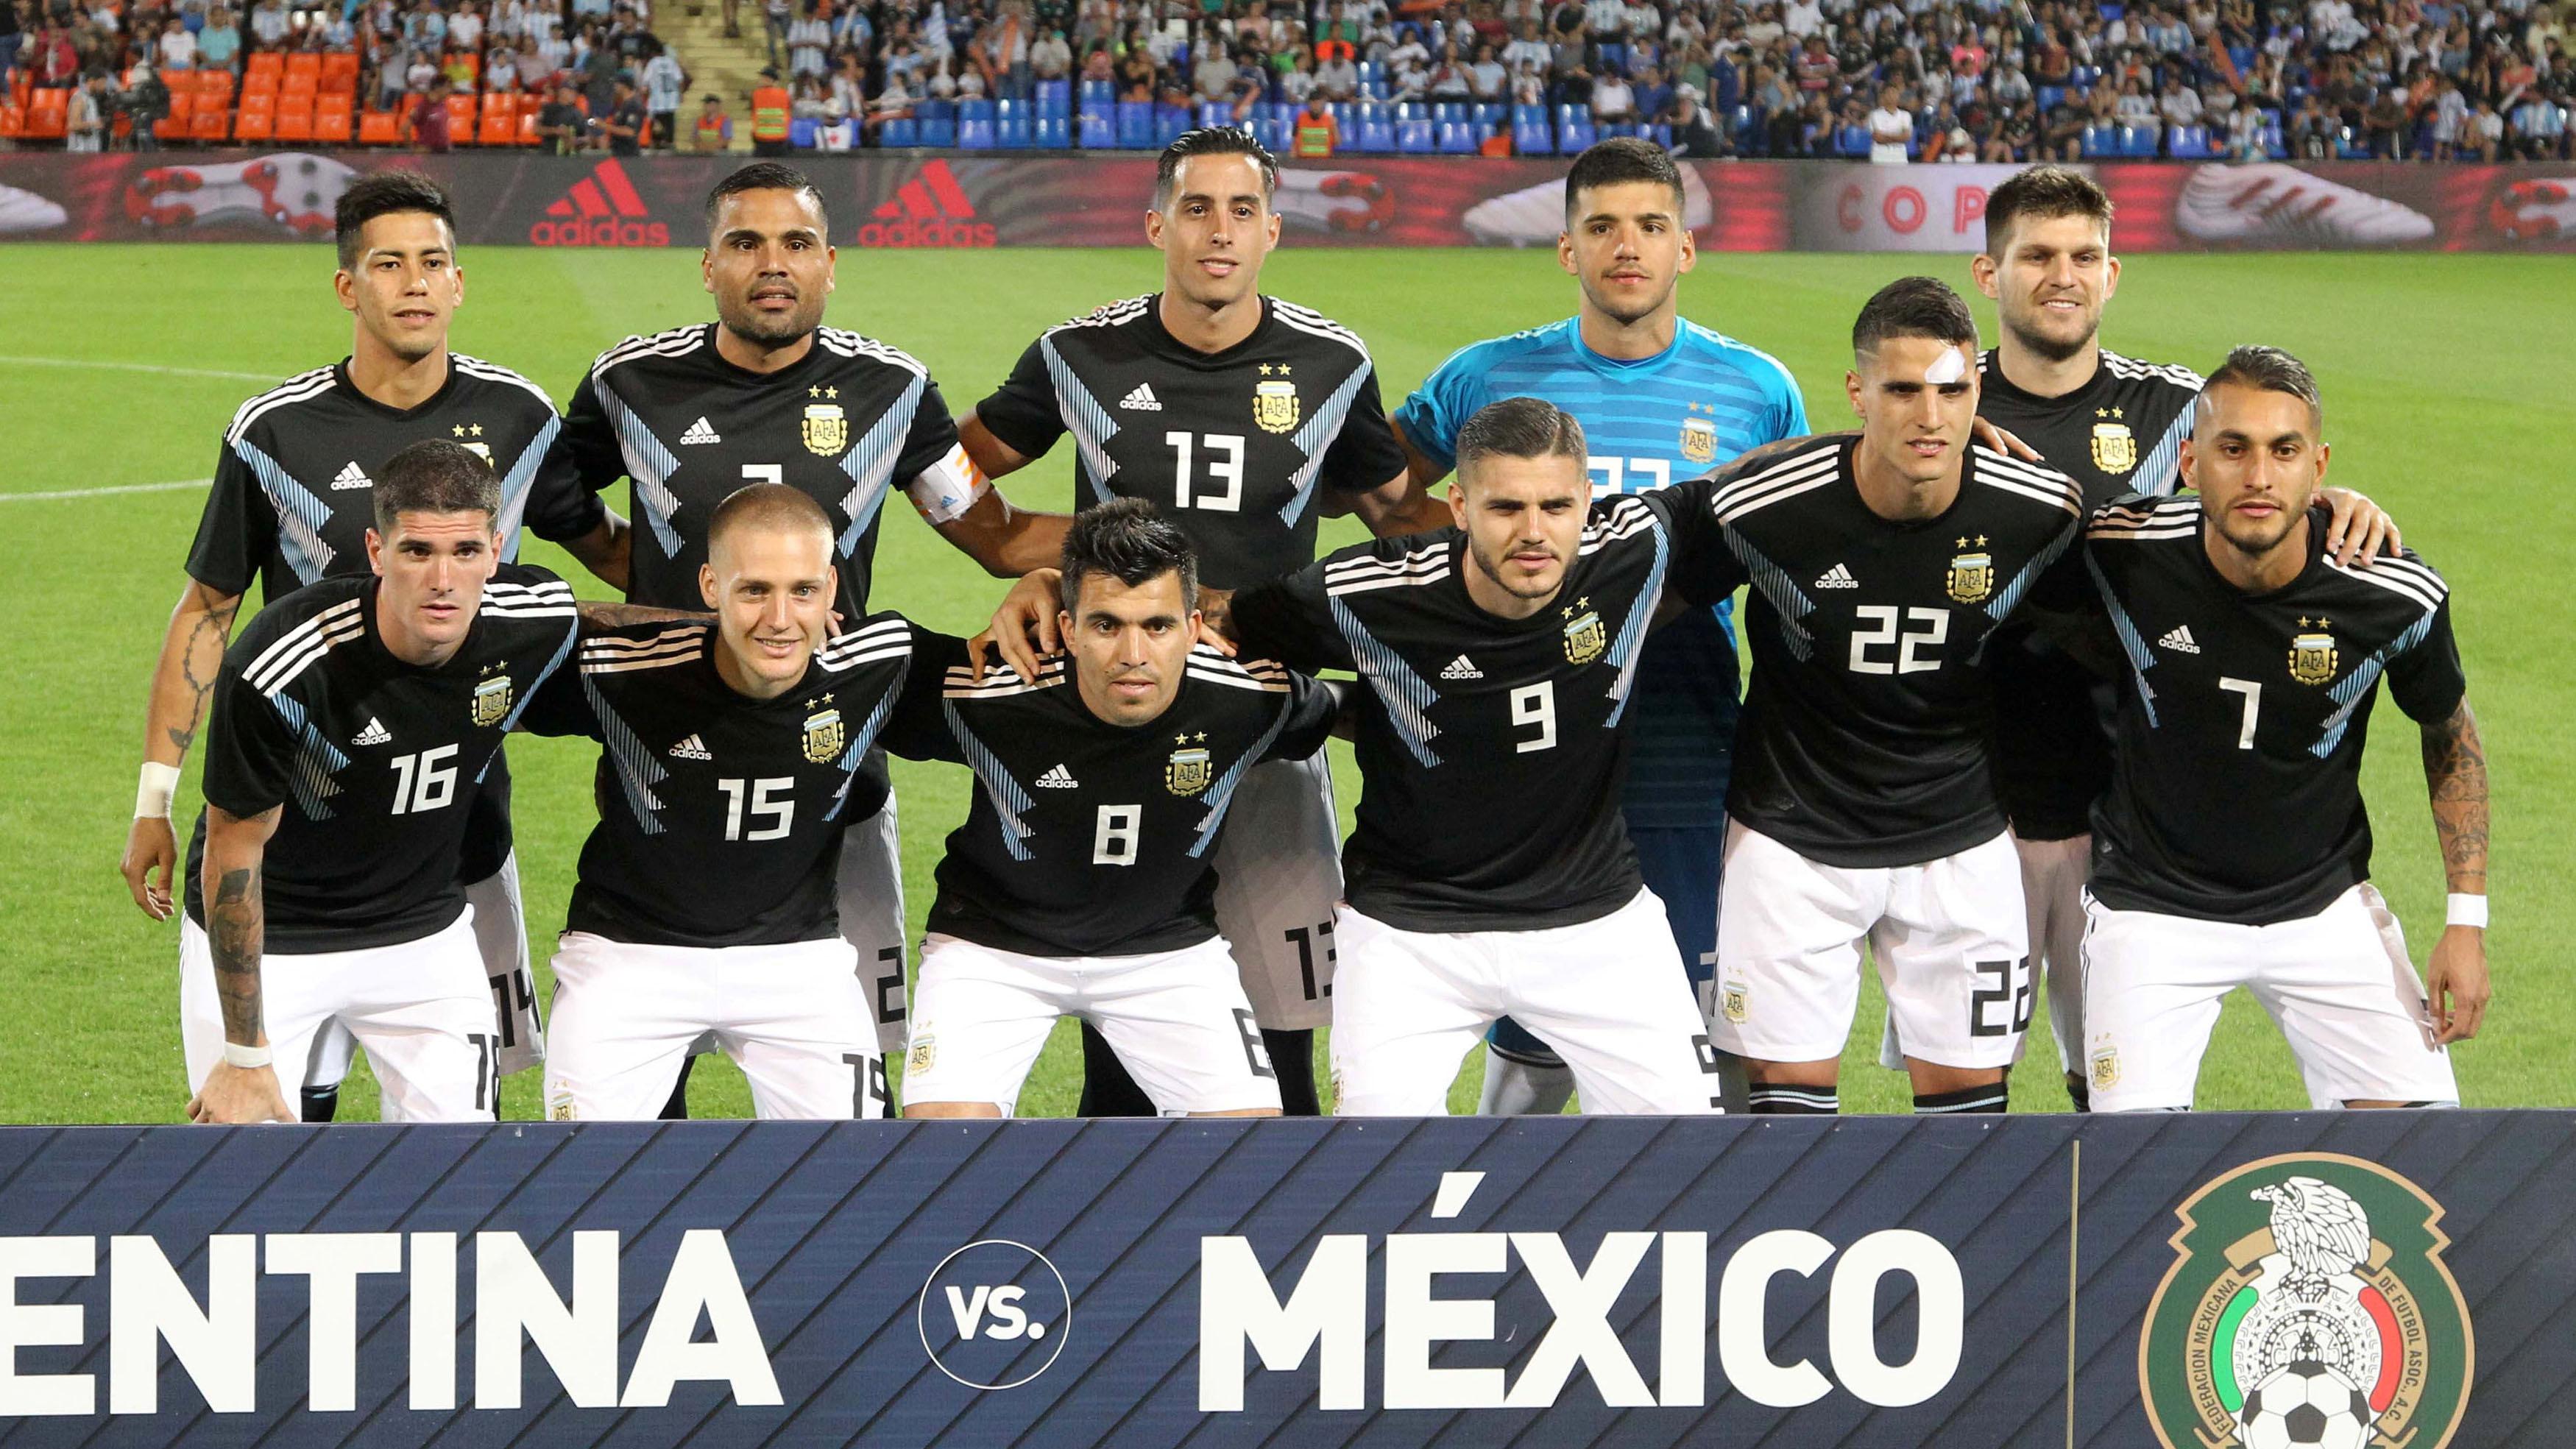 En el estadio Malvinas Argentinas de Mendoza, la Selección volvió a imponer su jerarquía frente al conjunto azteca. El triunfo le termina de abrir la puerta a su continuidad al entrenador hasta hoy interino (REUTERS)